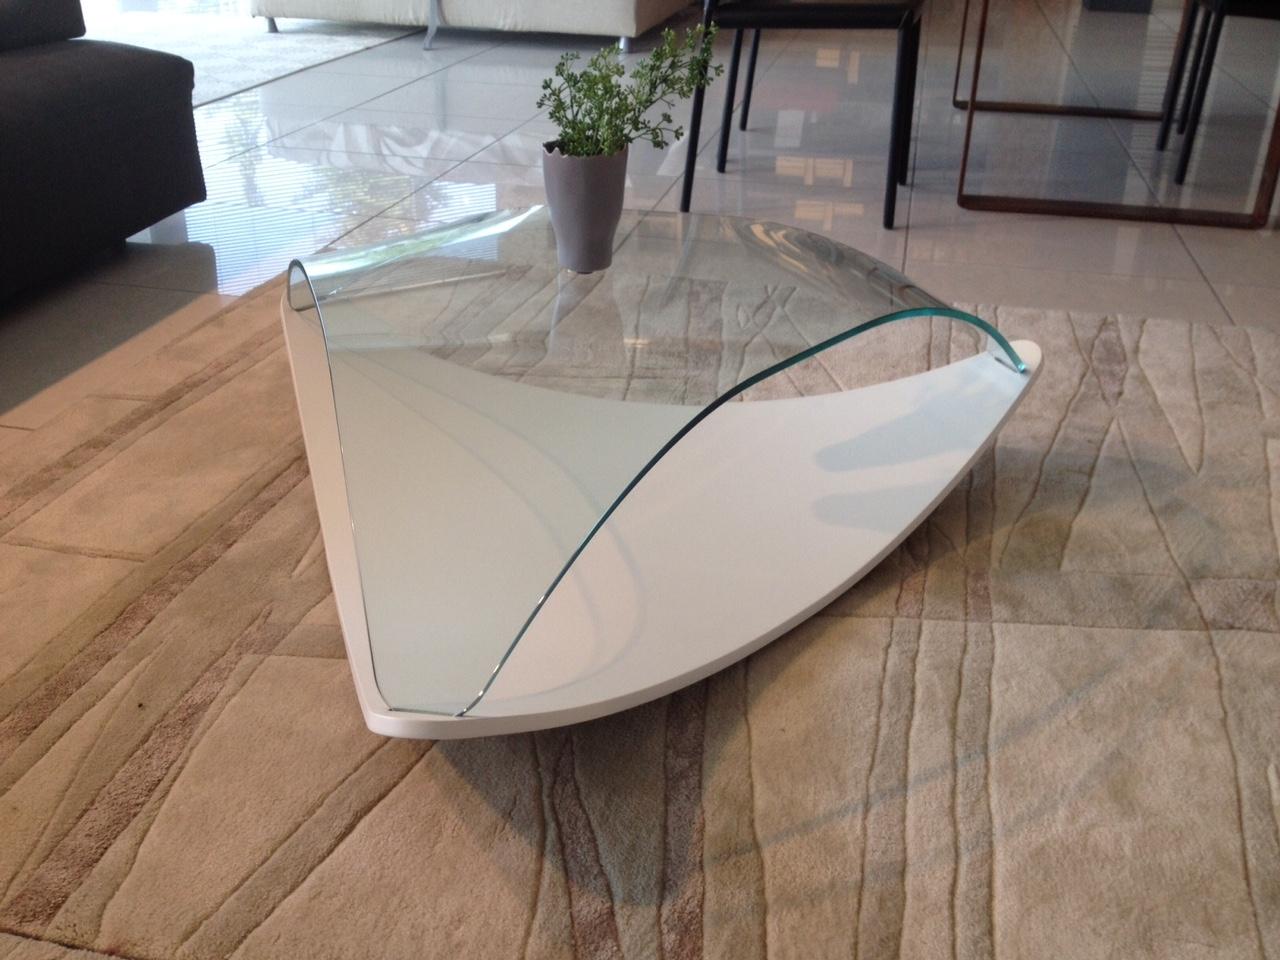 Tavolino tonin casa quiet complementi a prezzi scontati for Outlet arredamento milano e provincia